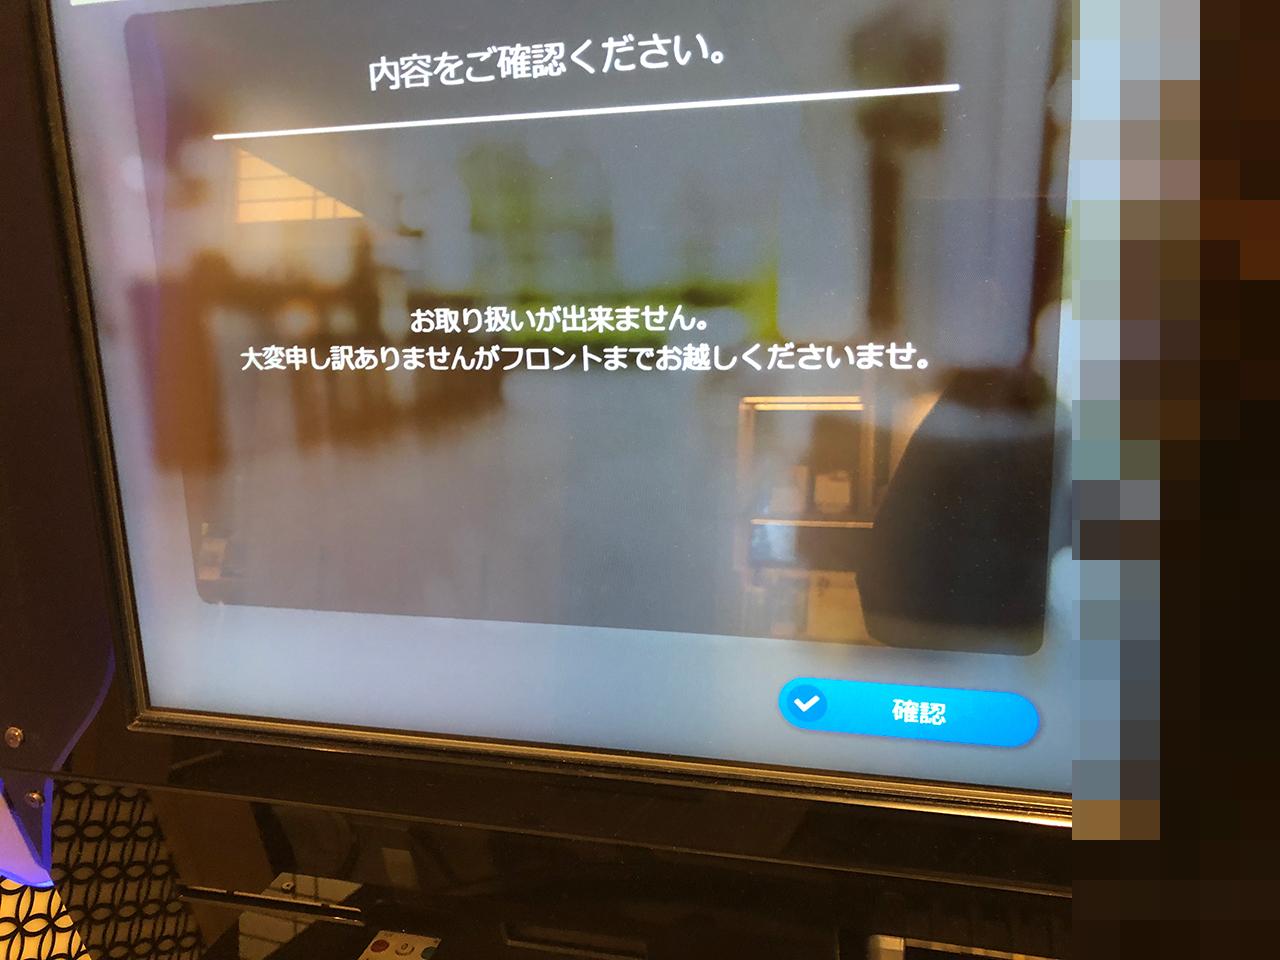 ホテルインターゲート京都四条新町の精算機エラー